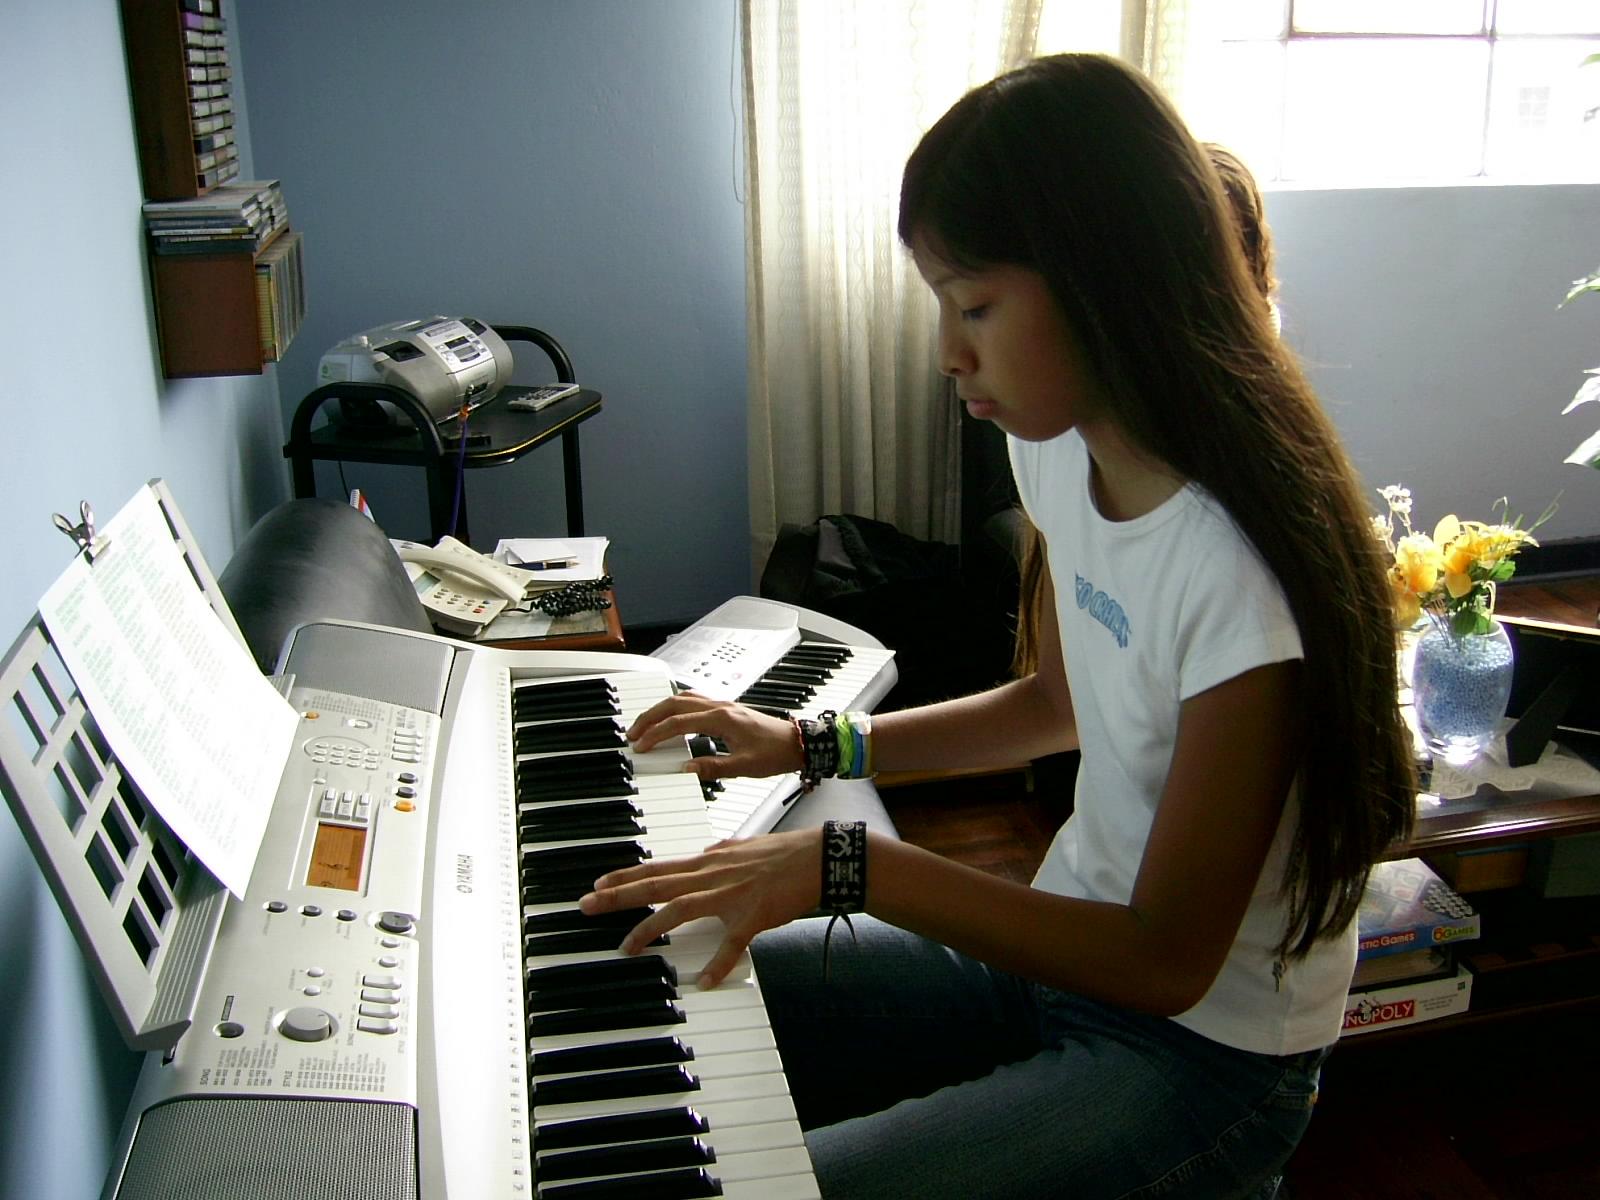 Su profesor de piano le da clases a cambio de sexo duro video completo hd gt festyycomwnrq6k - 3 3